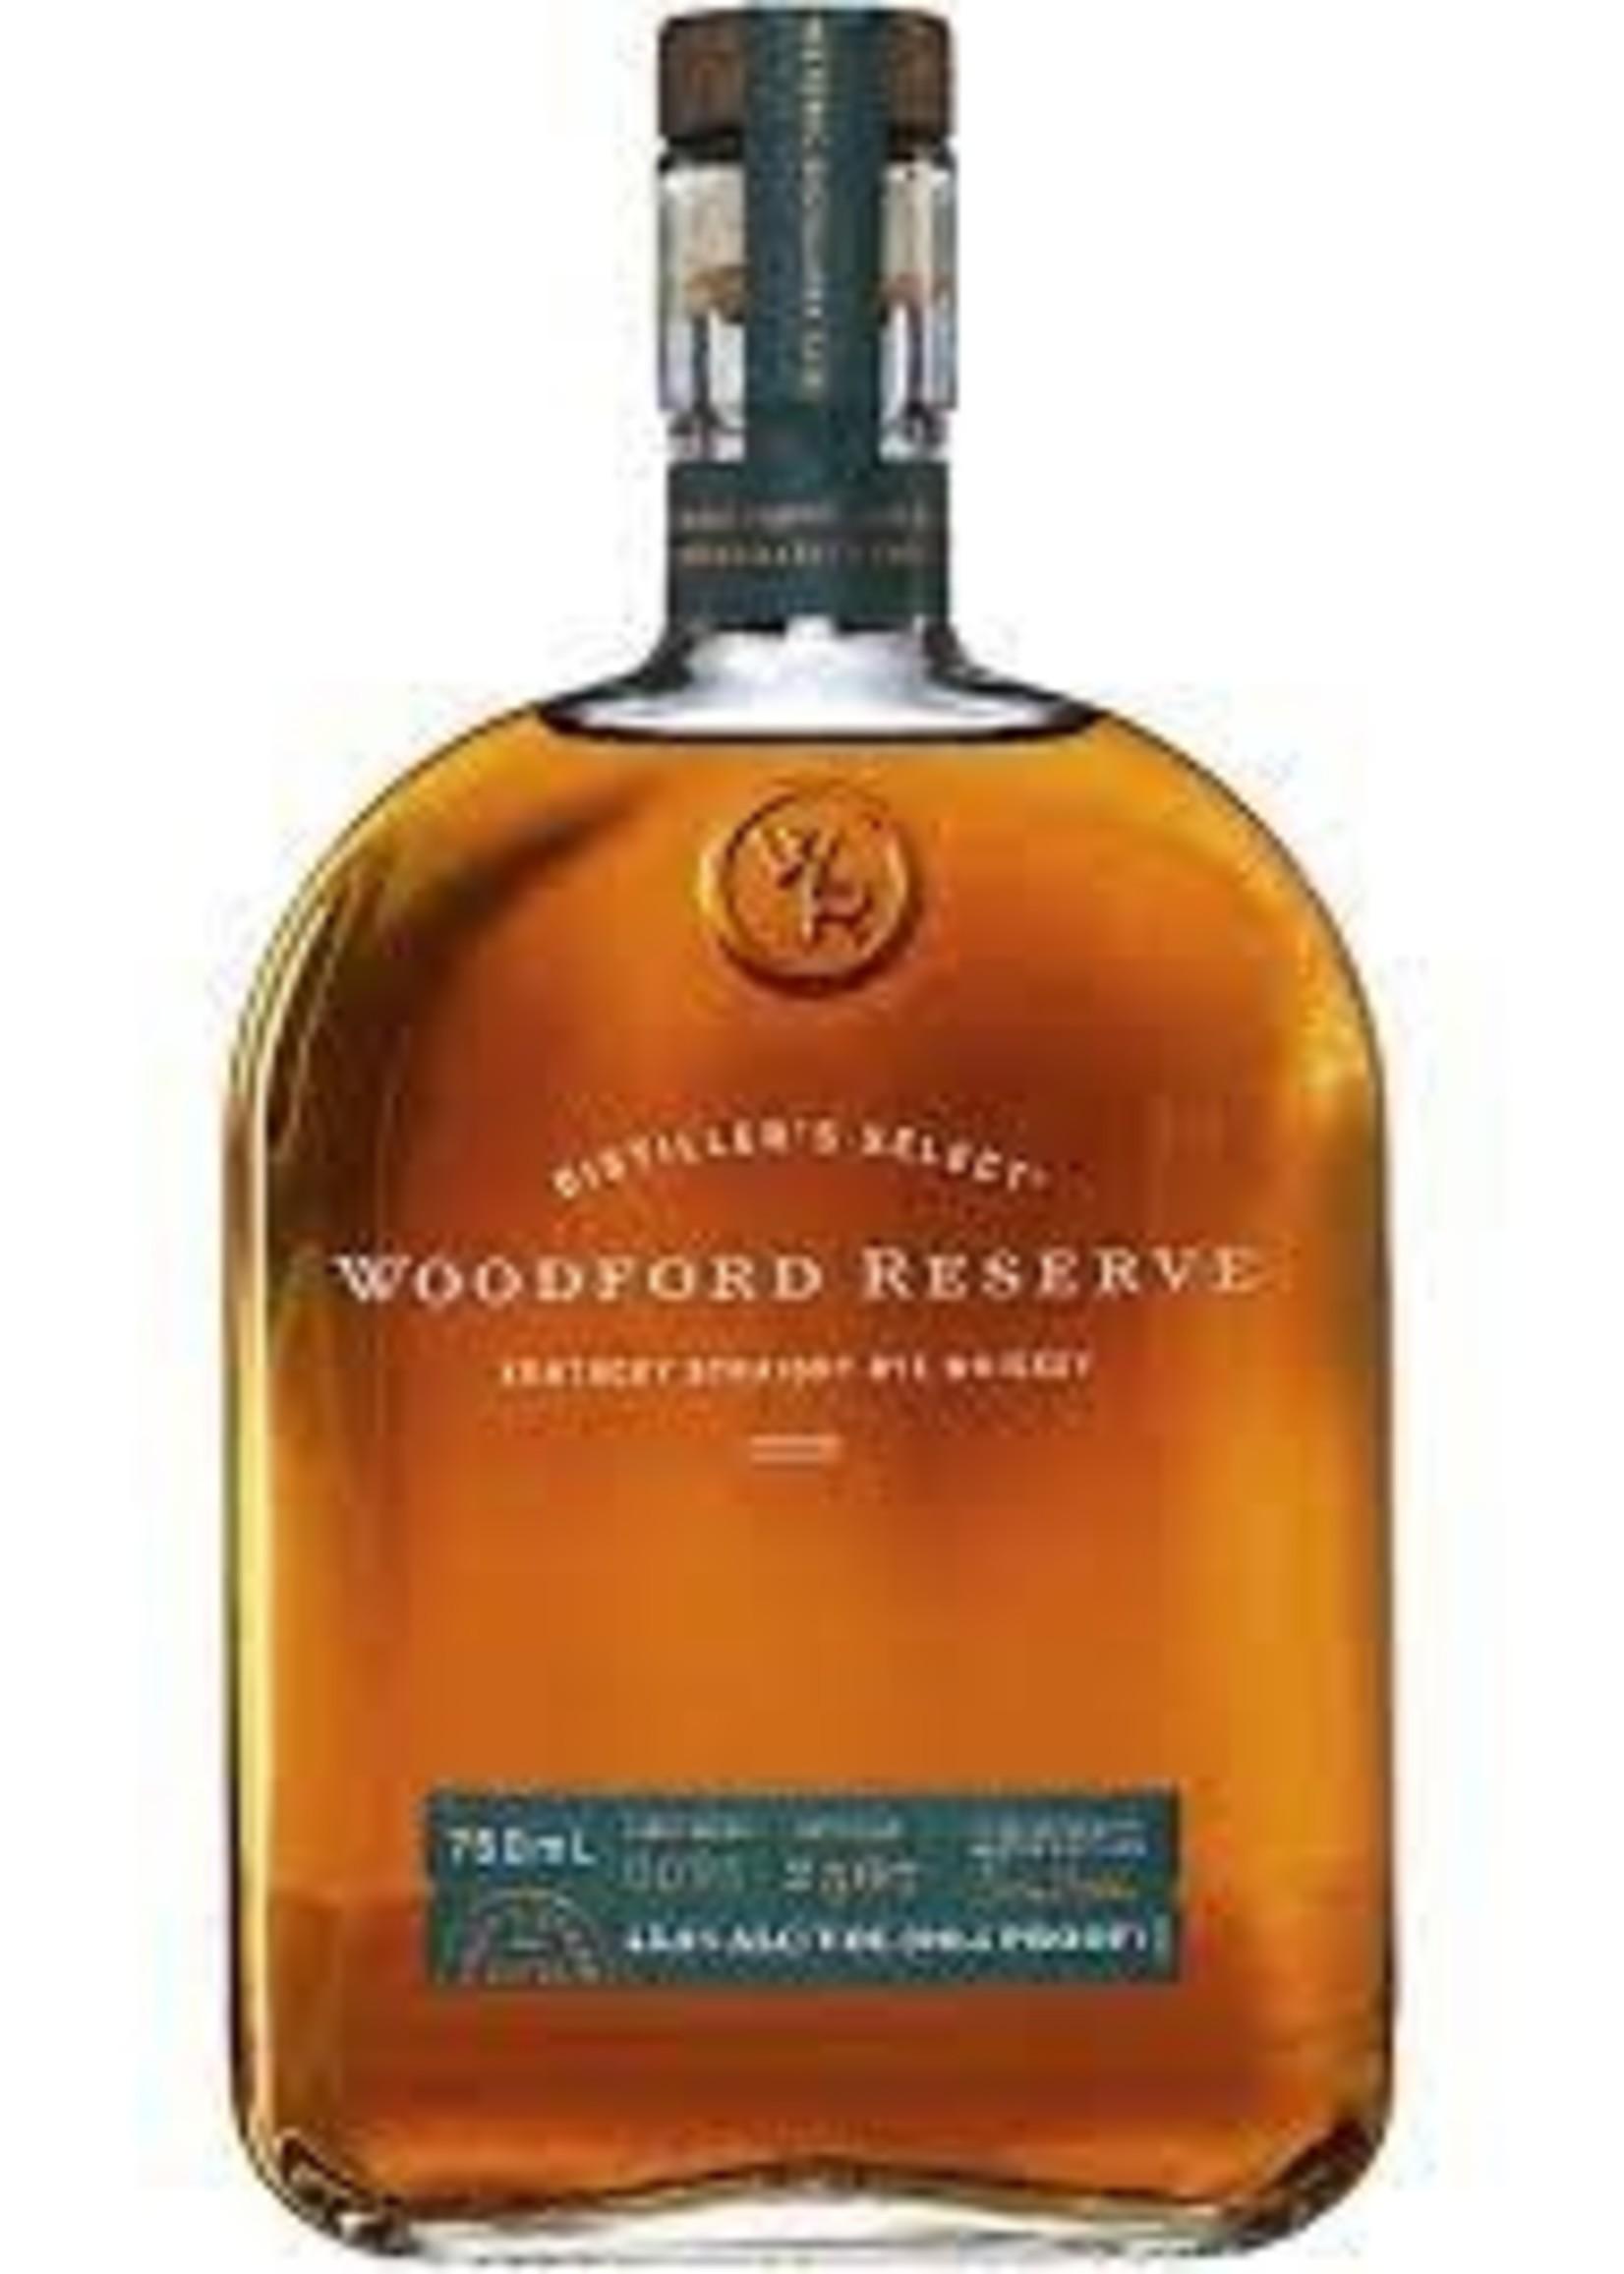 Woodford Reserve Rye Whiskey 750ml